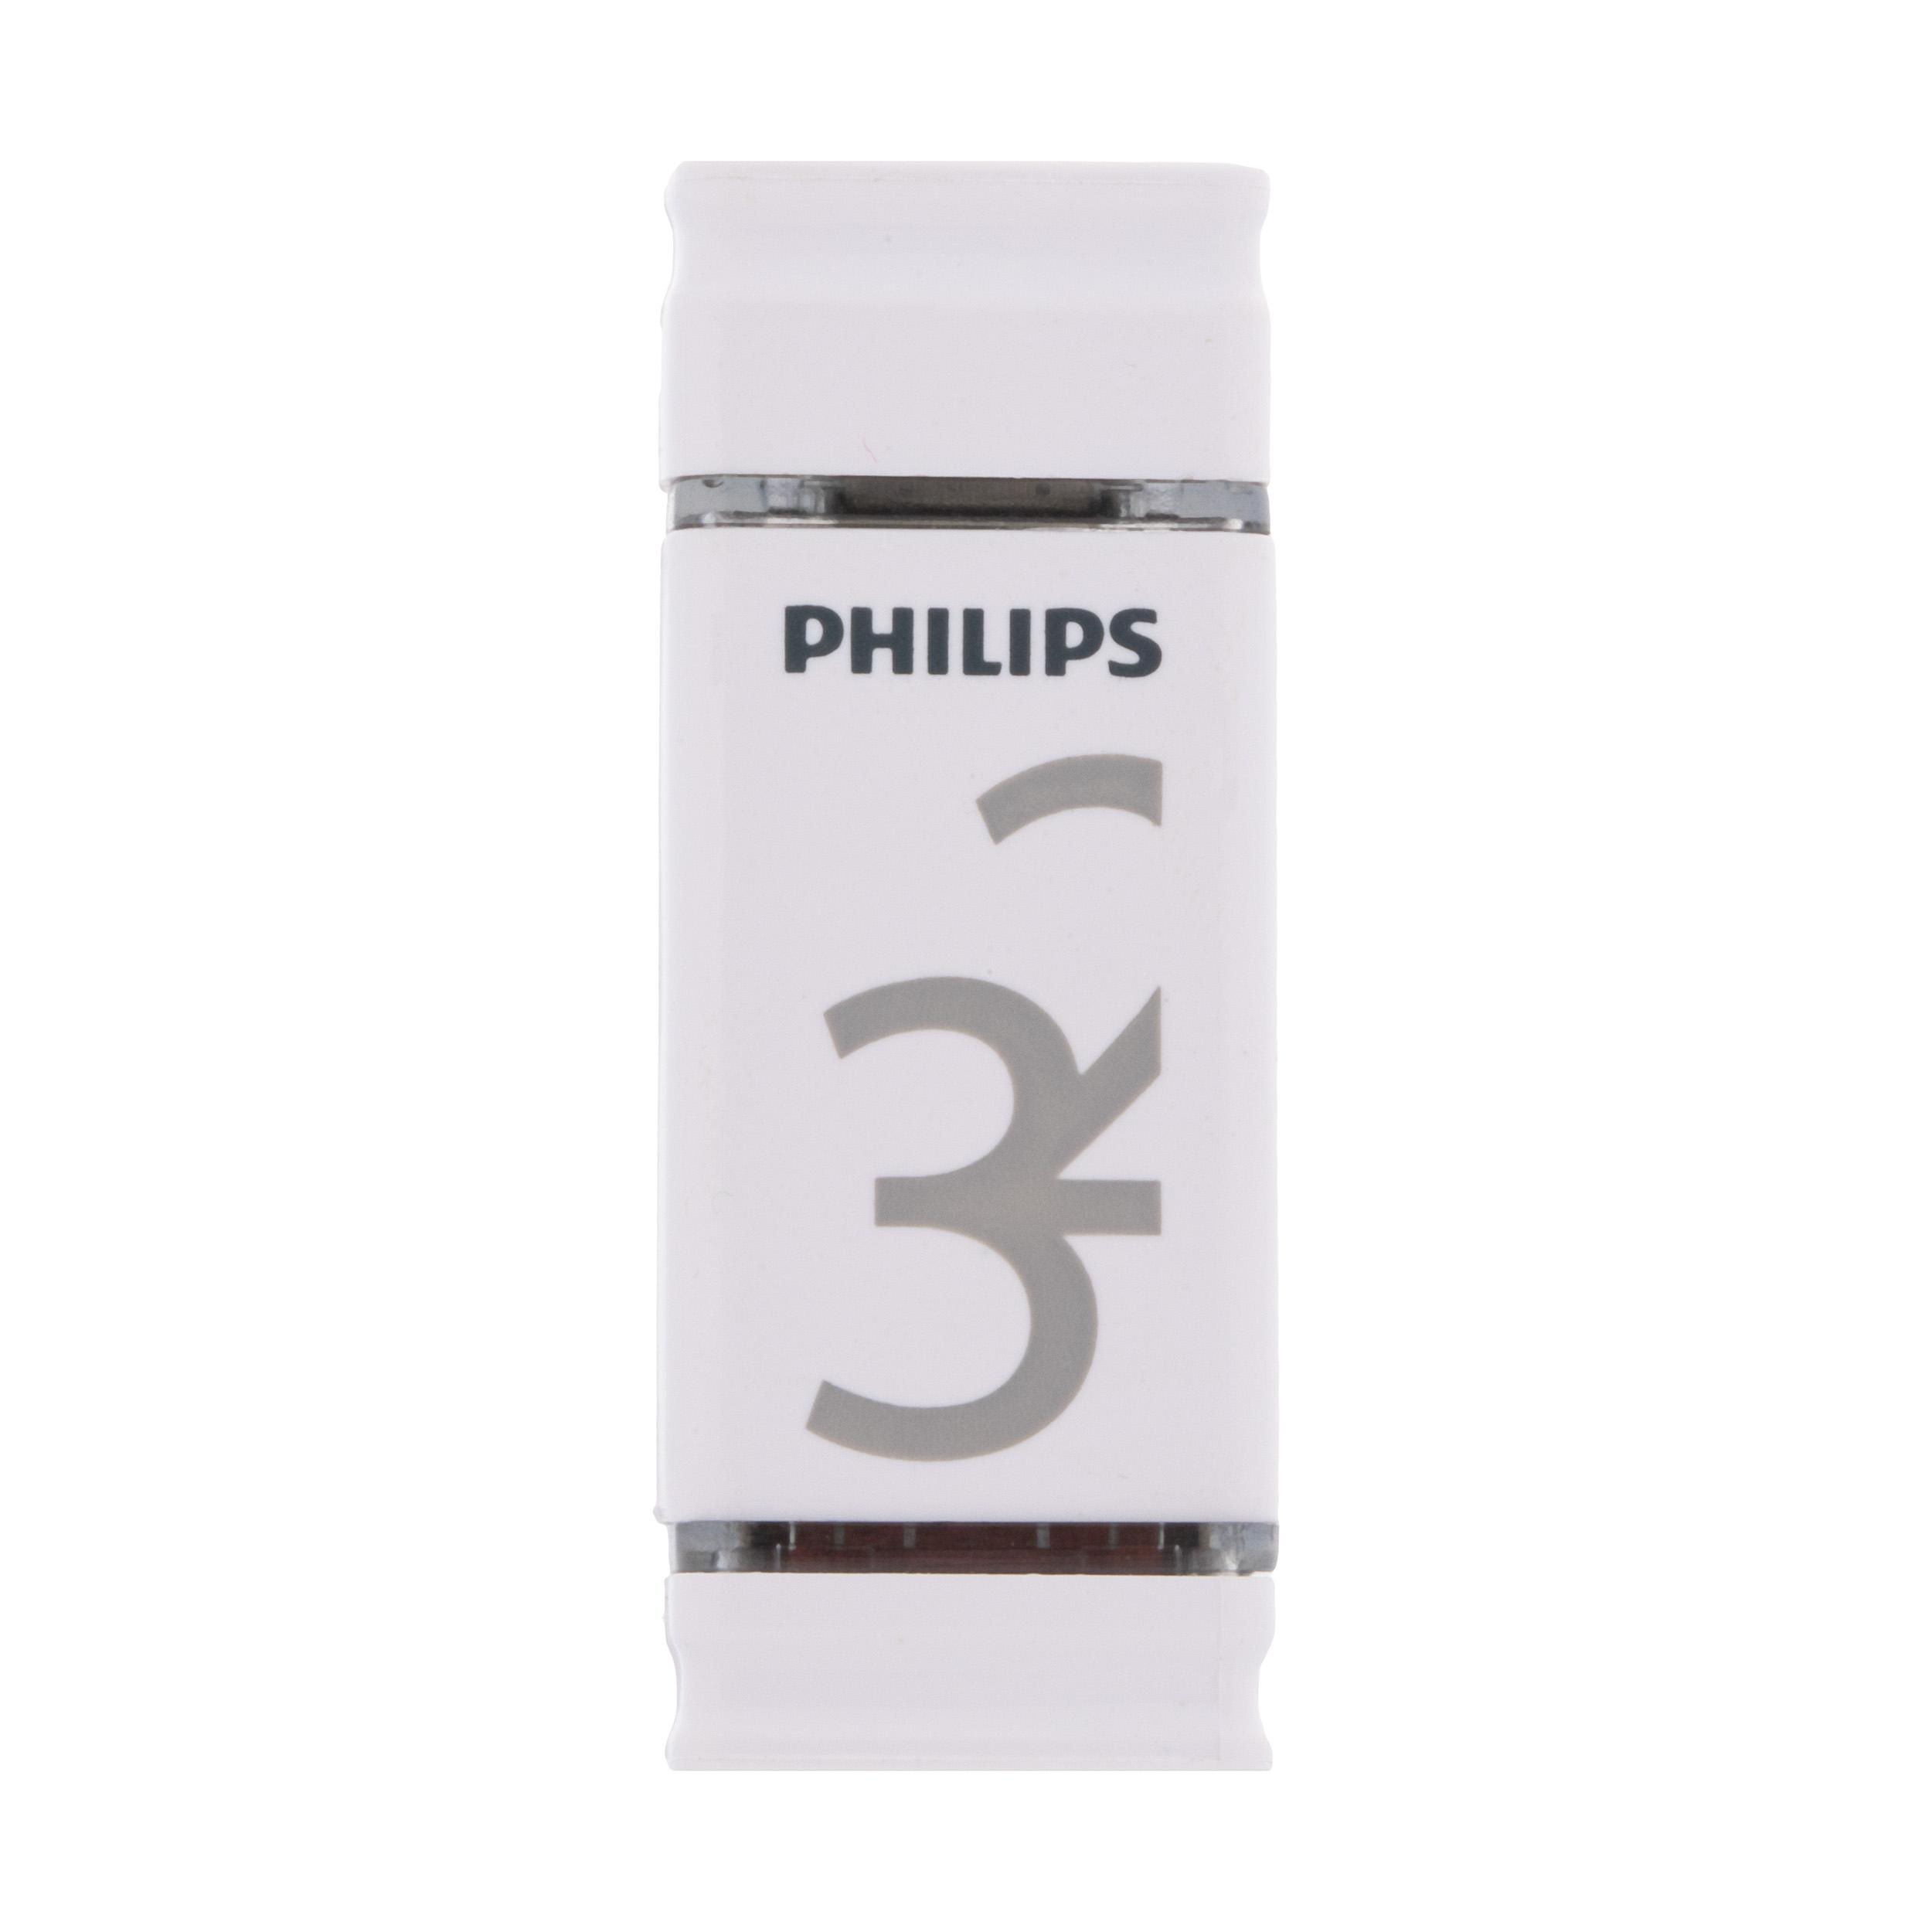 فلش مموری فیلیپس مدل Dueto-FM32FDI28B ظرفیت 32 گیگابایت